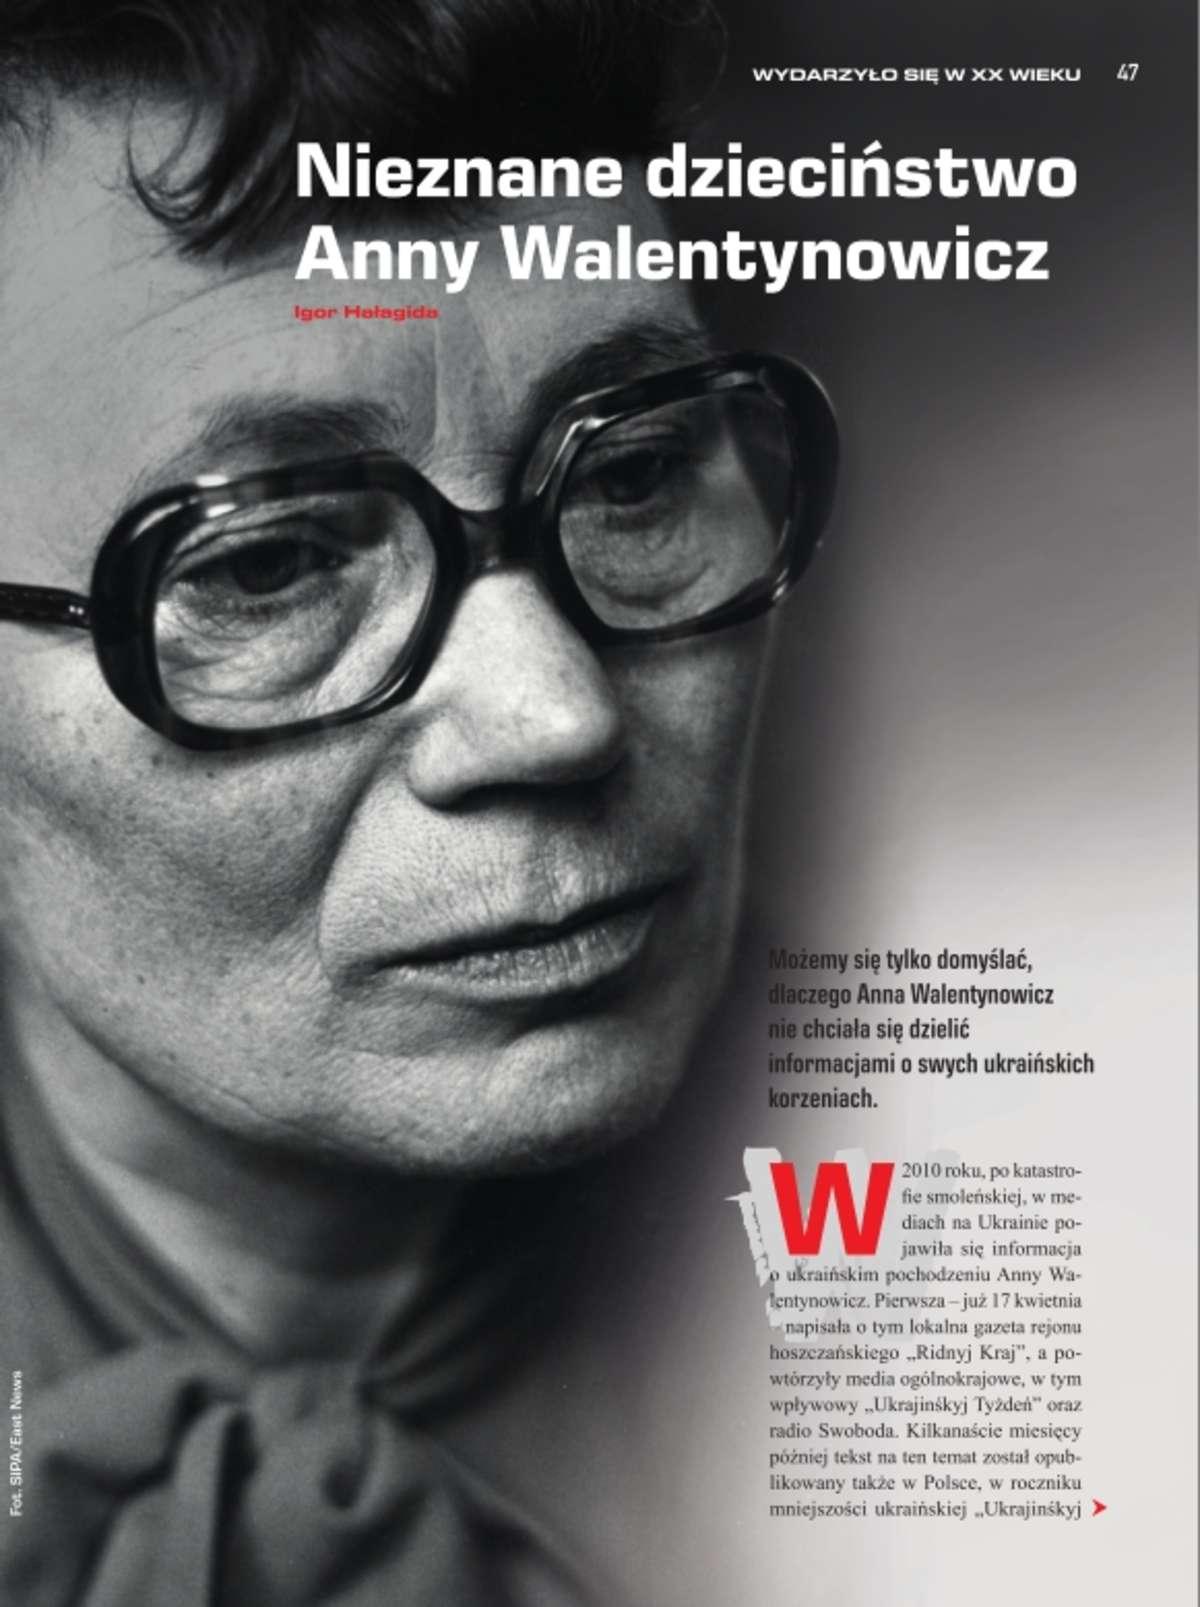 Ukraińskie korzenie Anny Walentynowicz - full image